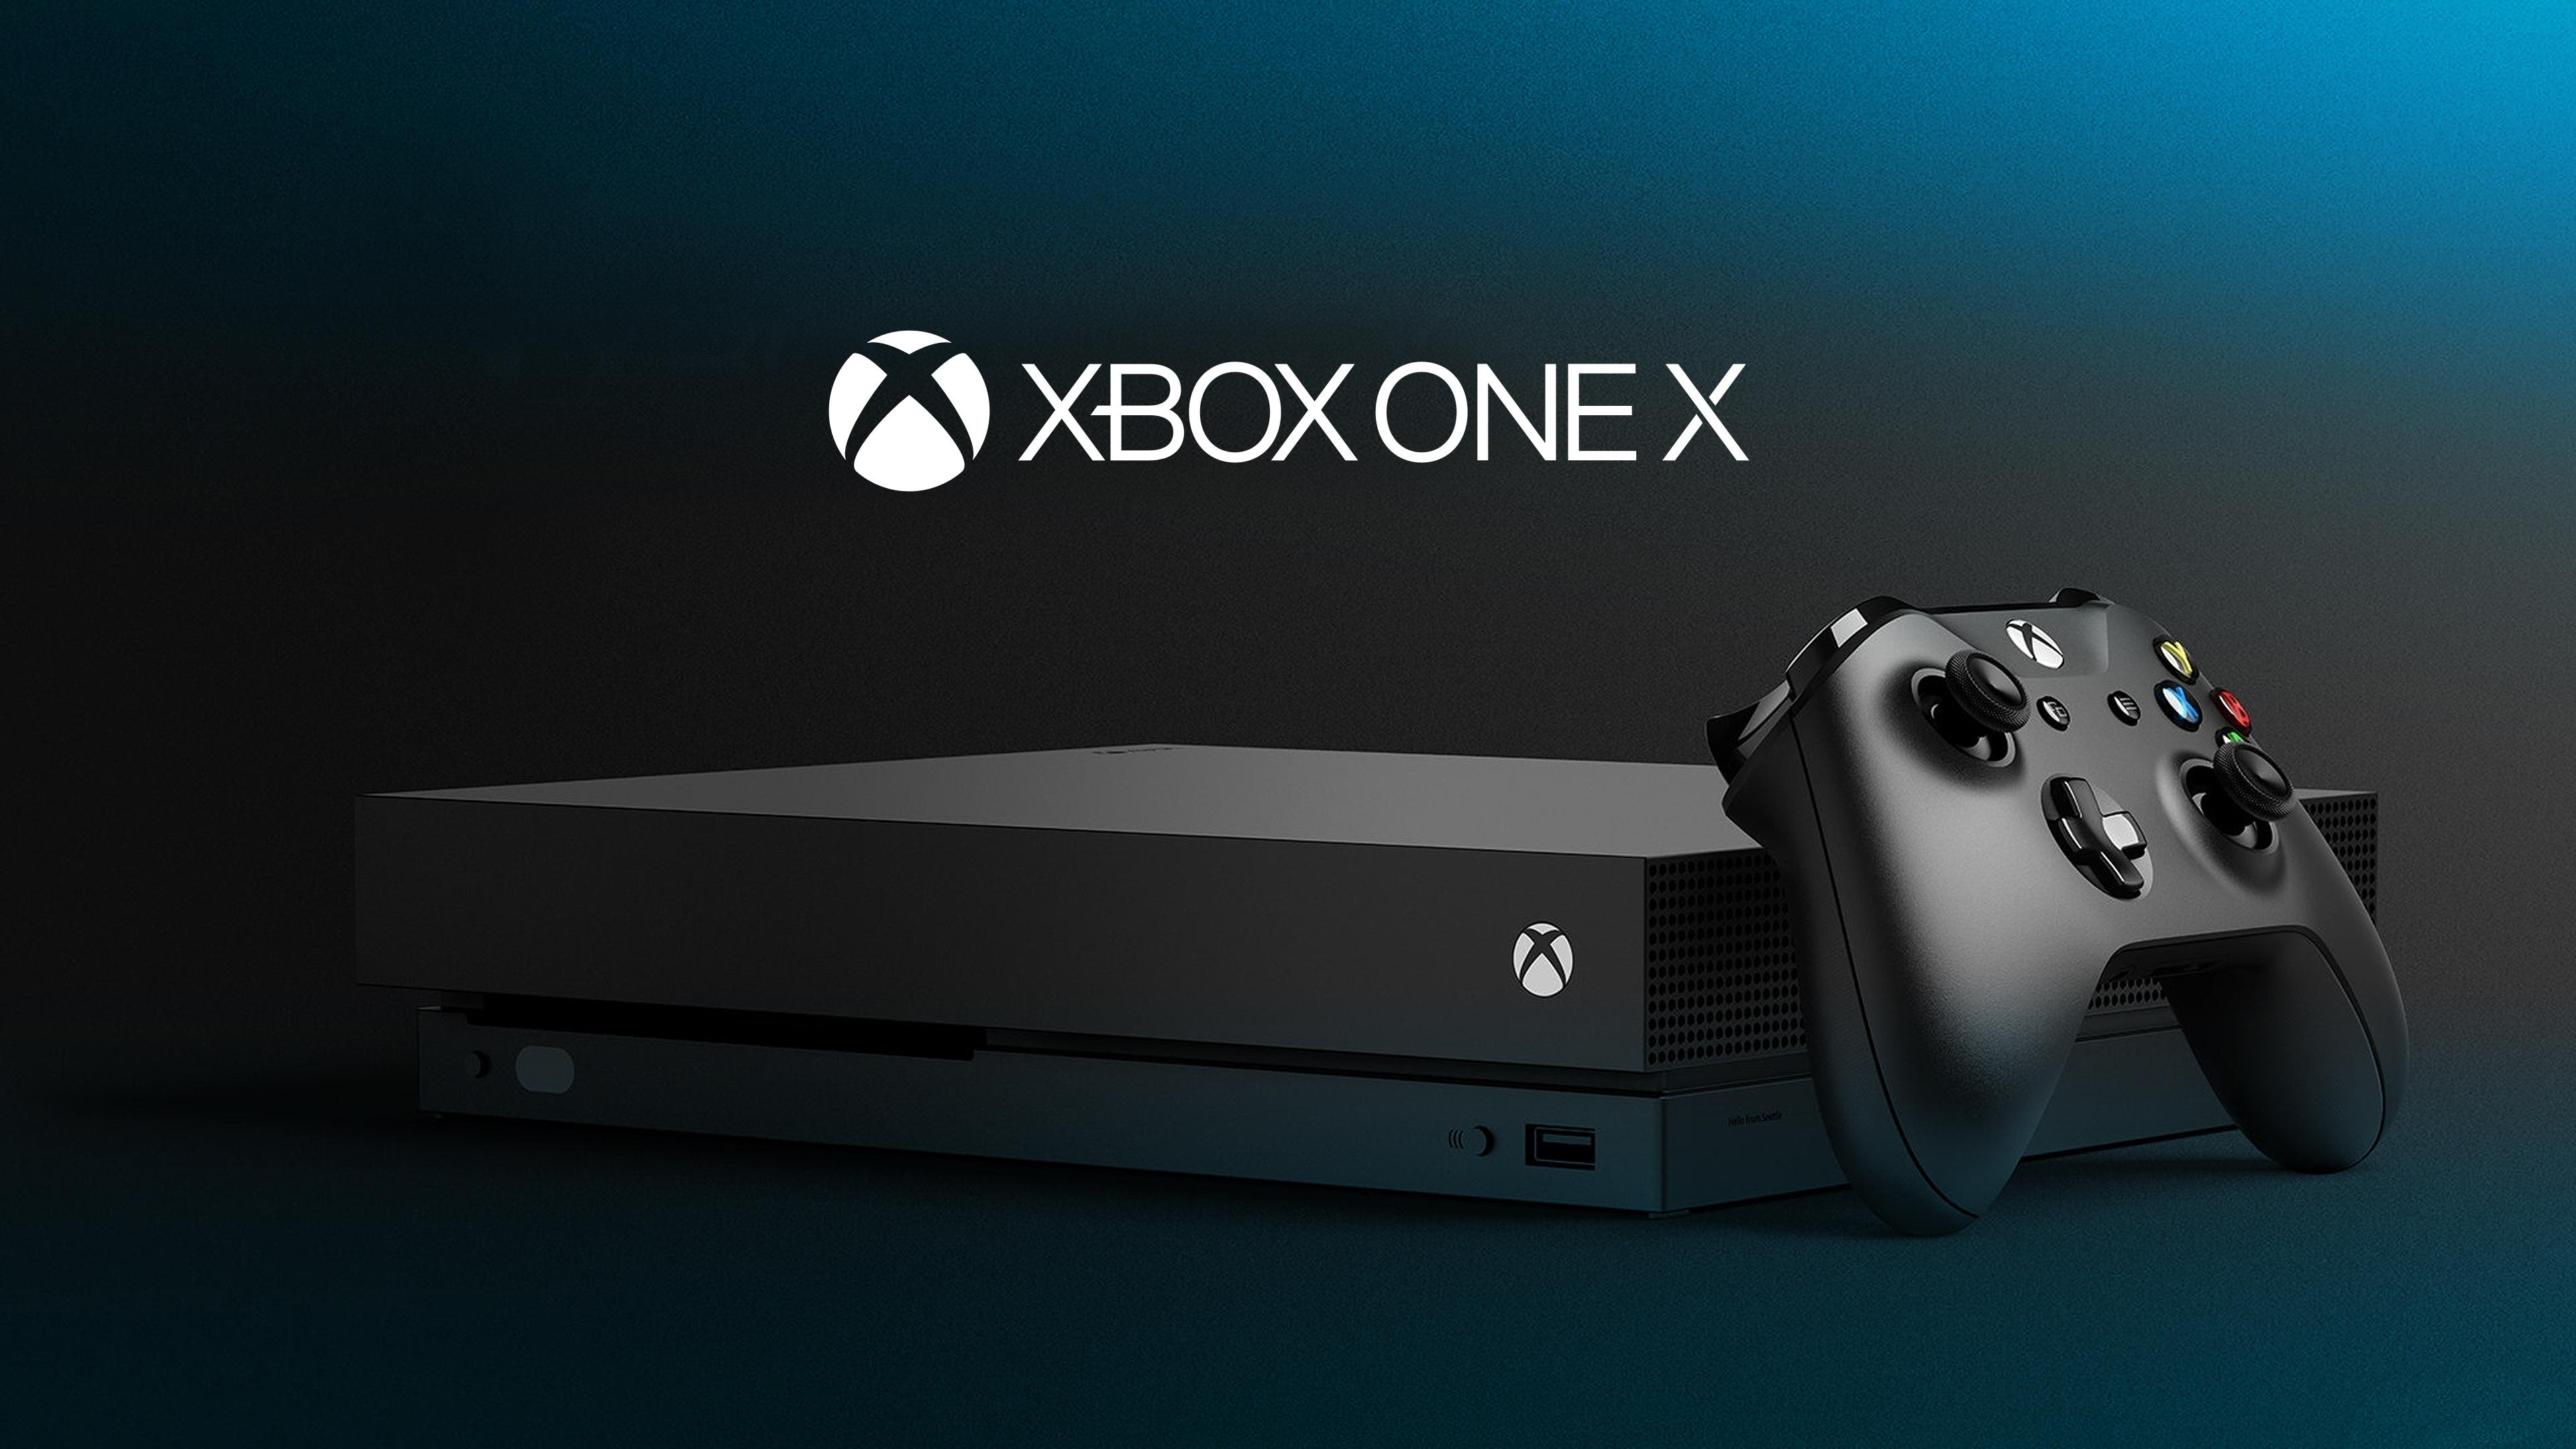 Xbox один х 4к. обои скачать